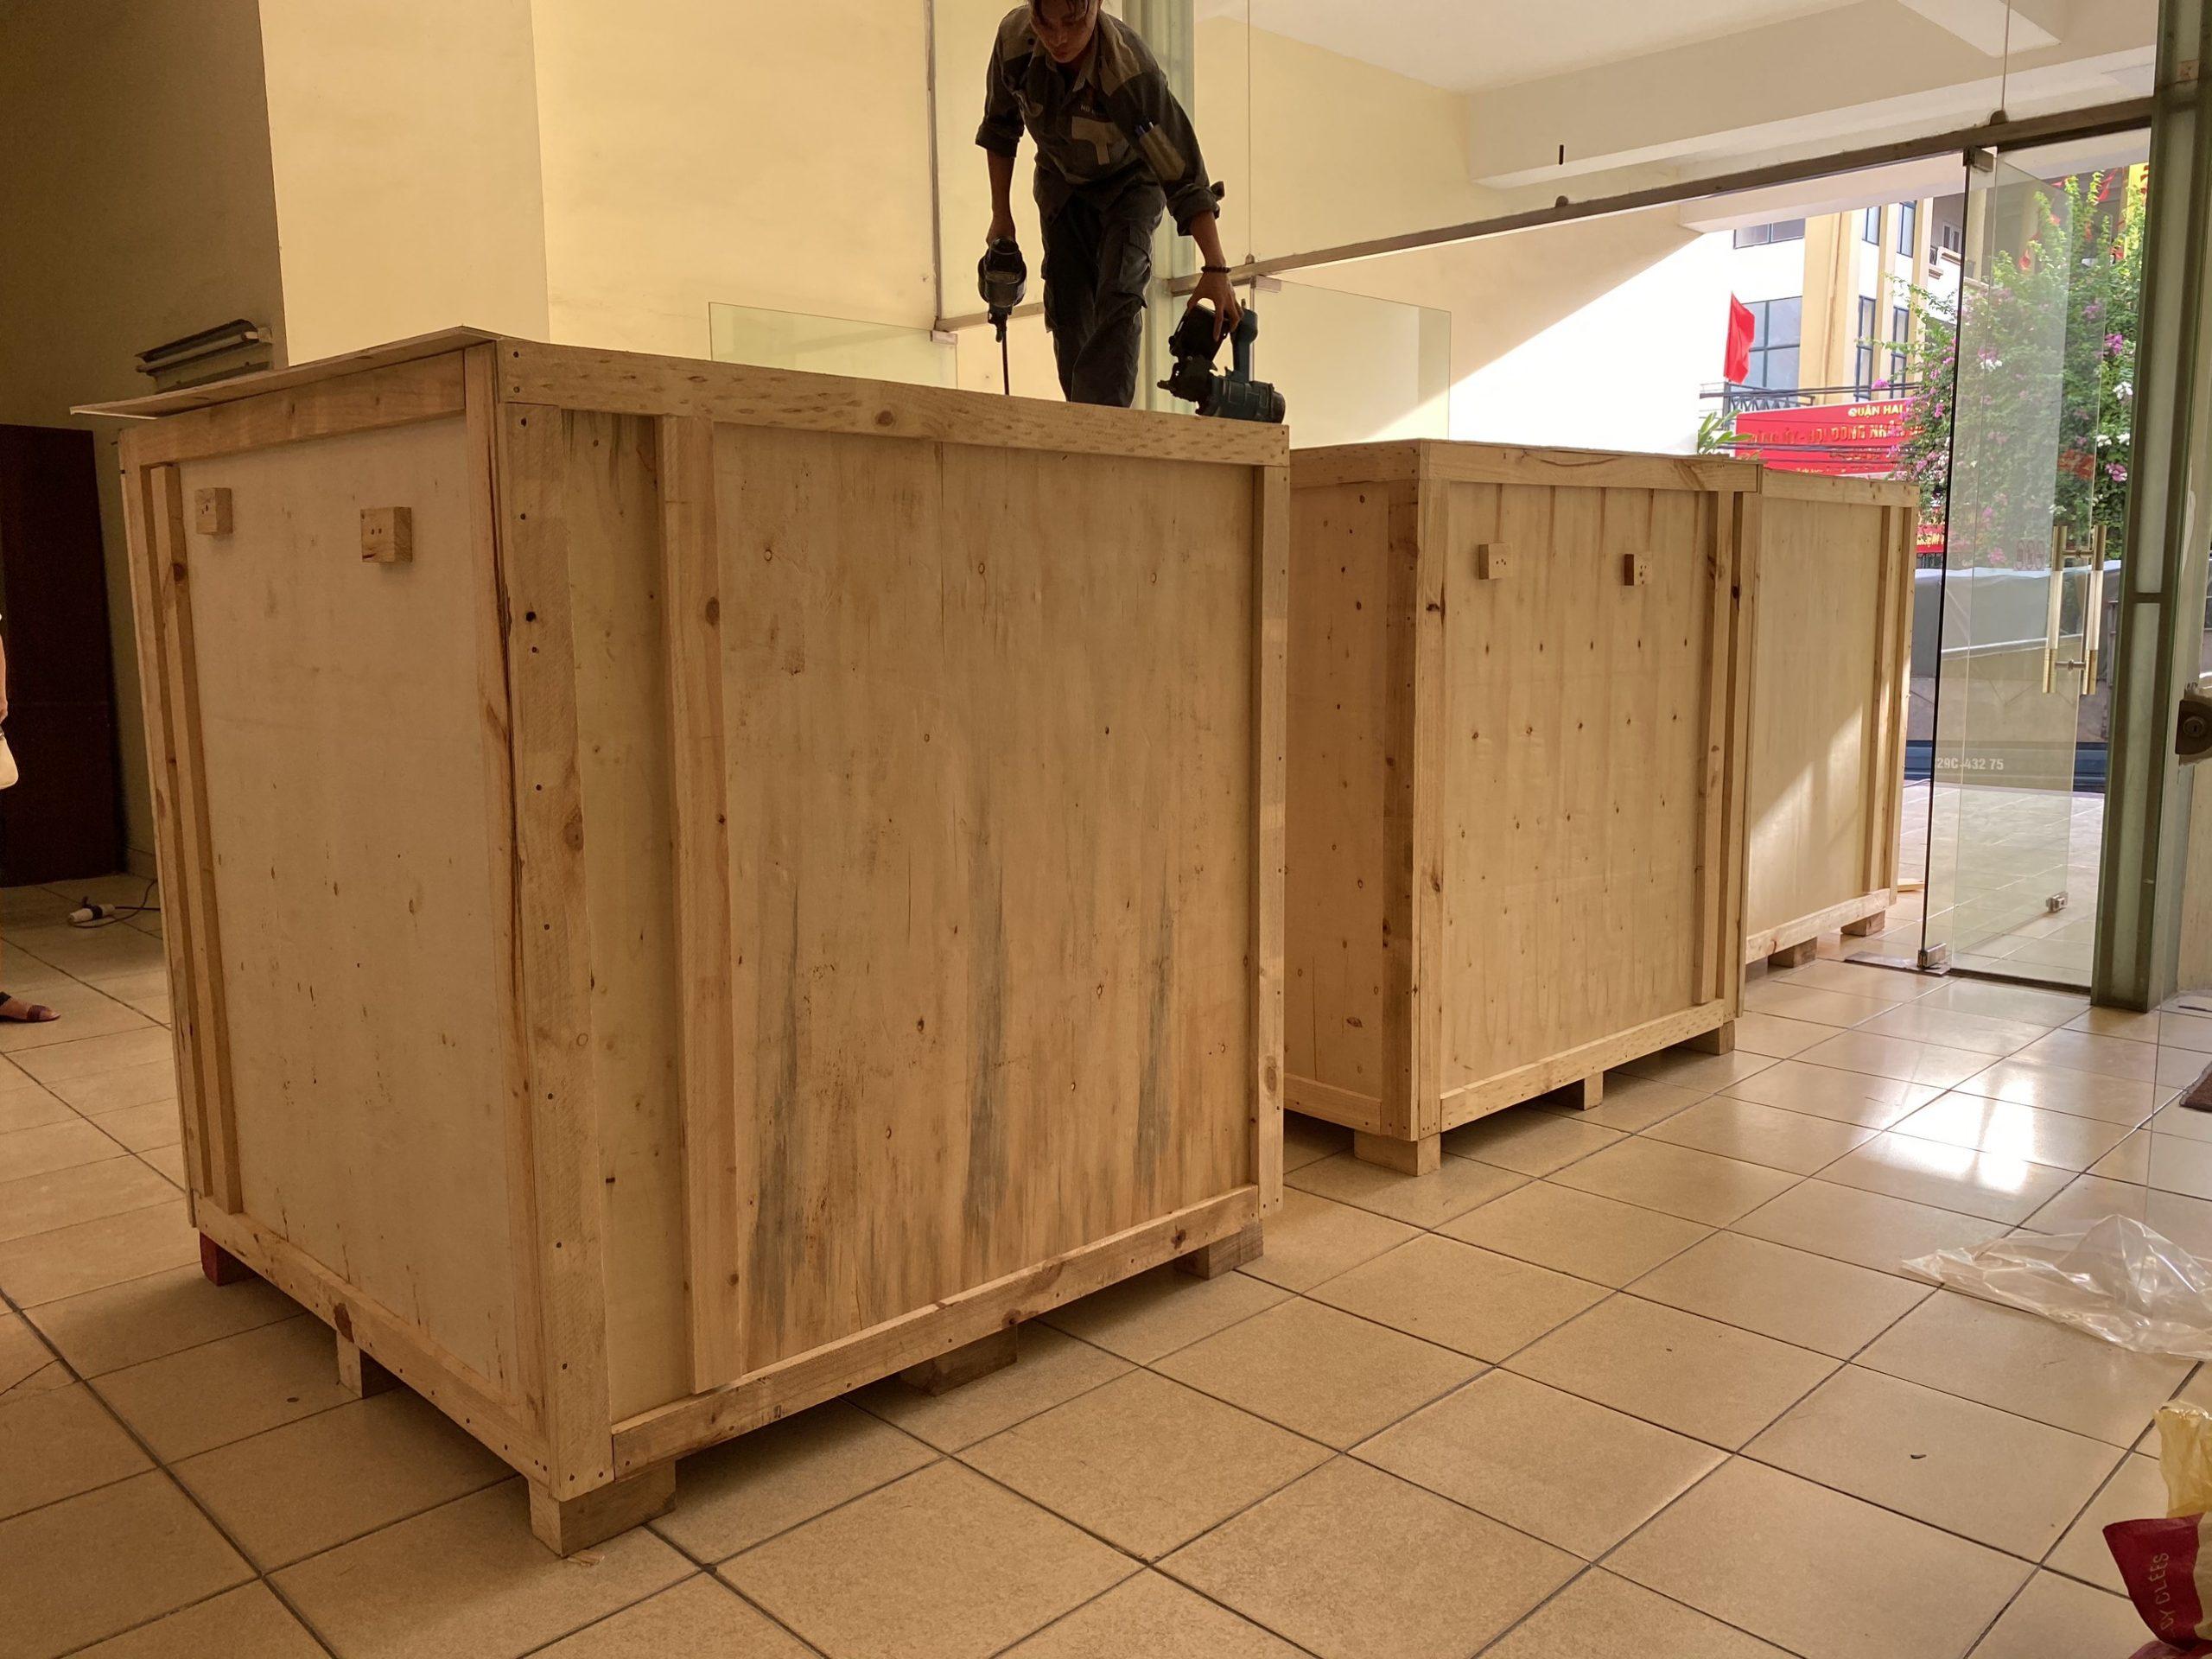 Quy trình vận chuyển chuyển phát nhanh hàng mẫu từ Mỹ về Việt Nam